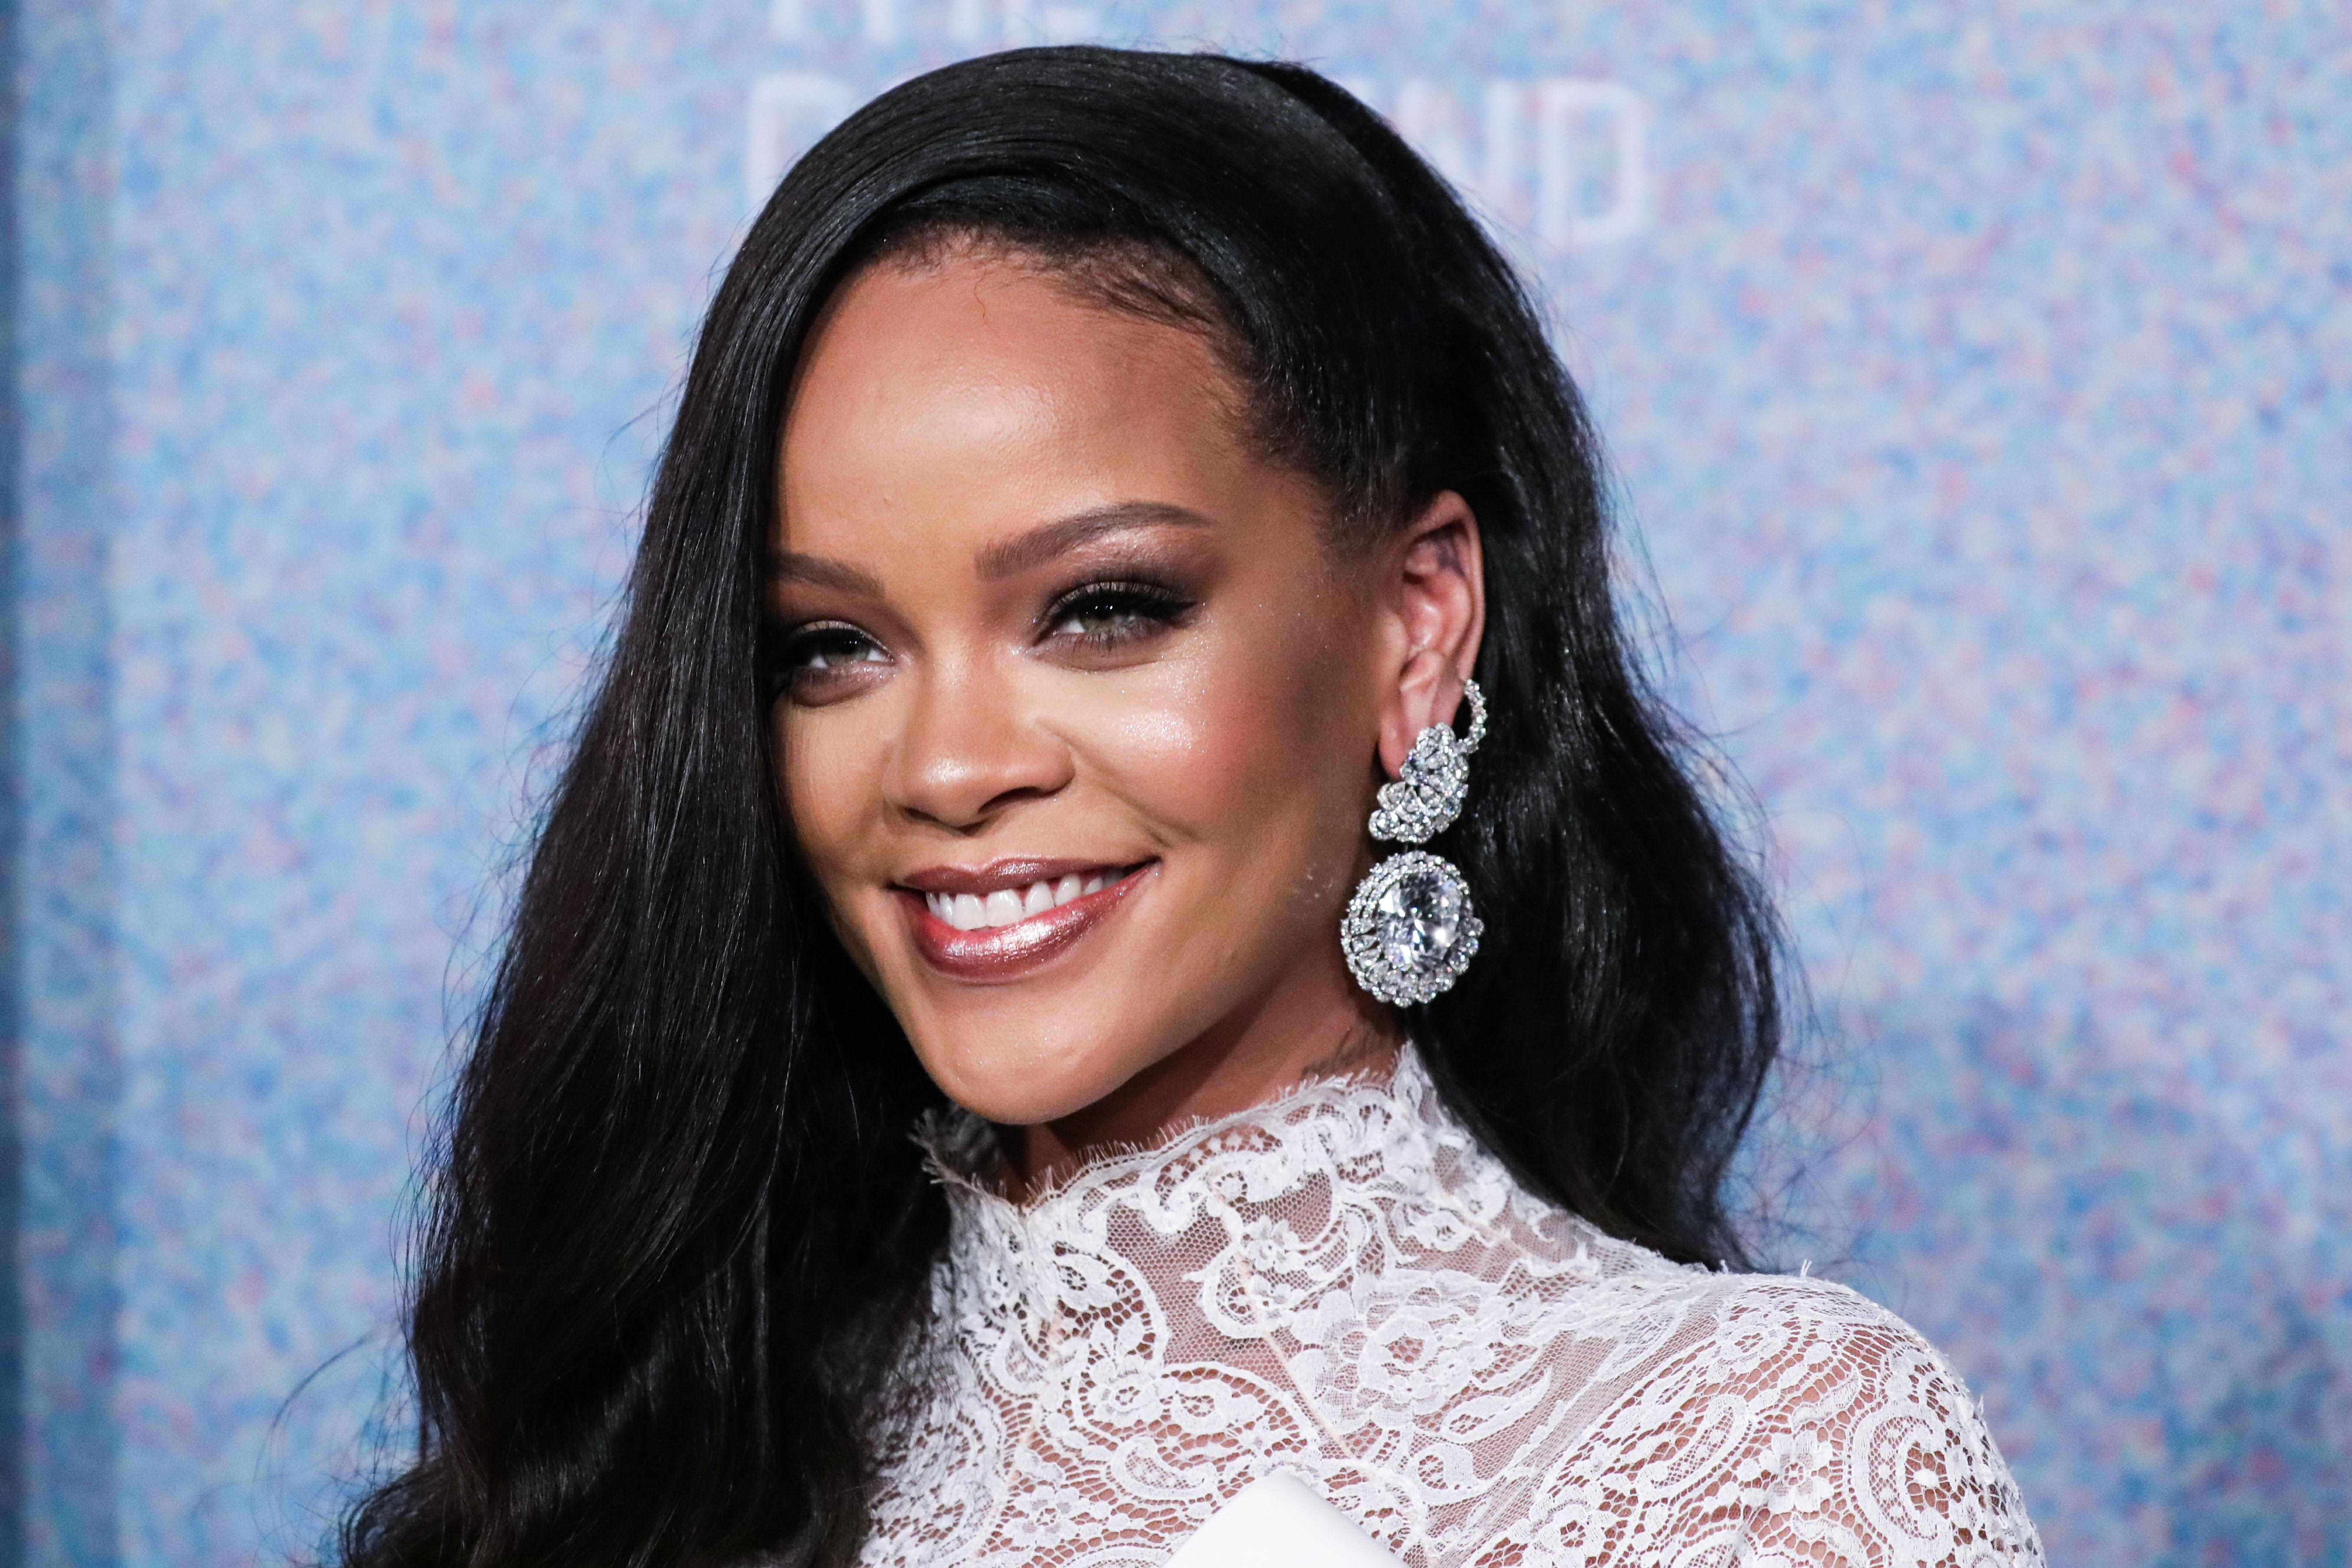 Τι τύπο επιδερμίδας έχει η Rihanna; Η απάντηση που έδωσε θα σε εκπλήξει!